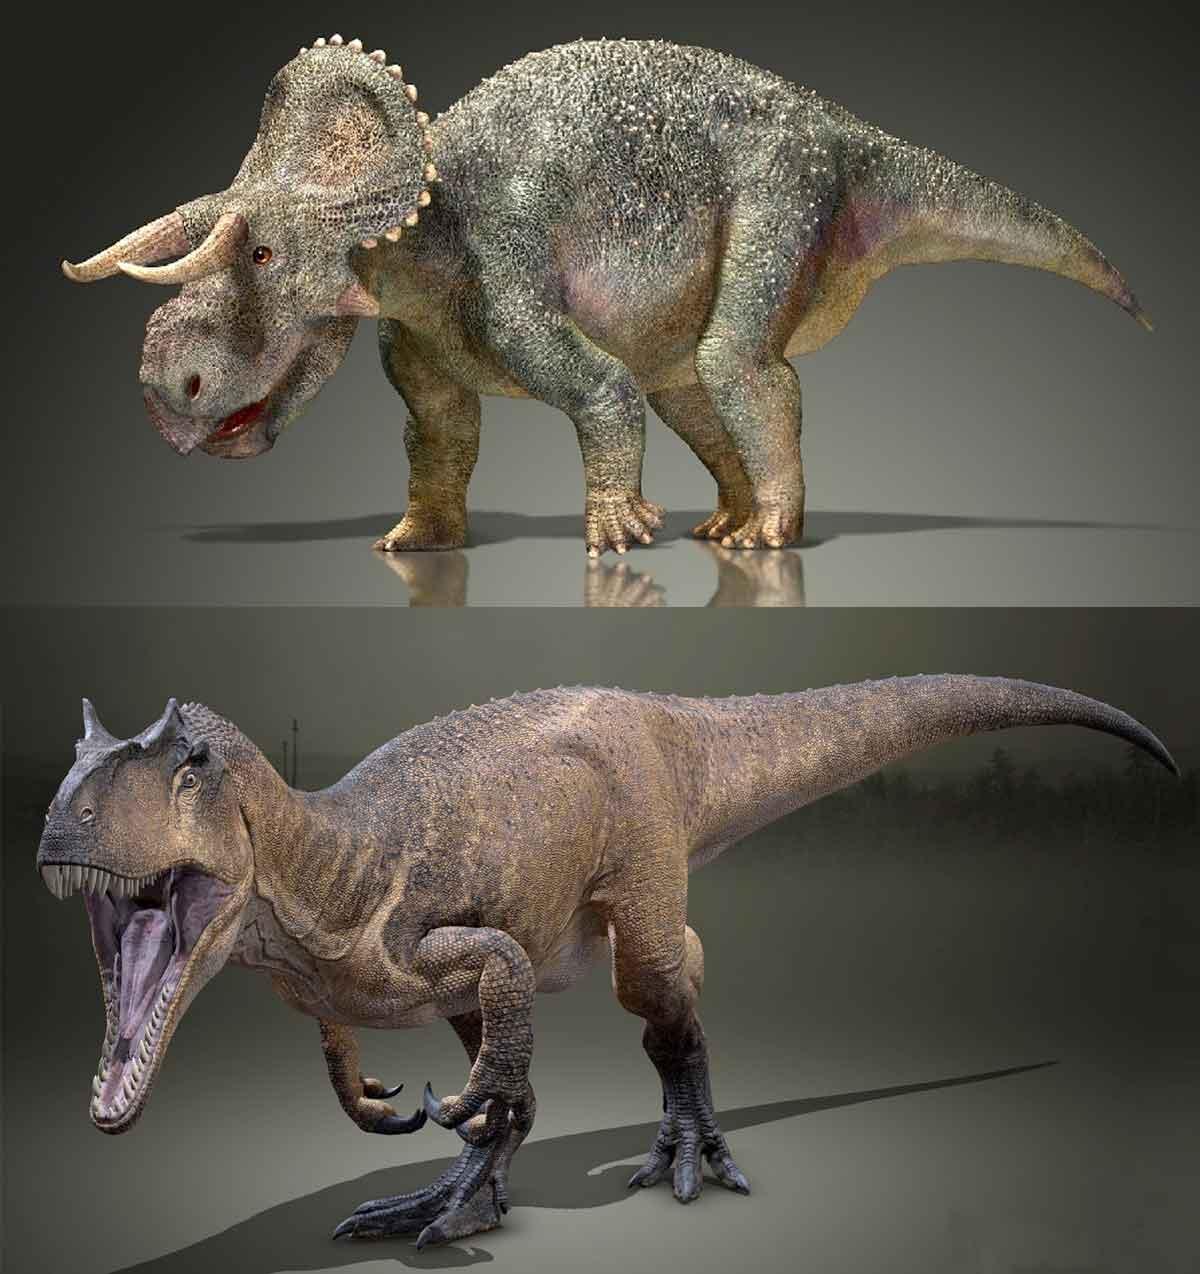 Más información sobre el cortometraje de Jurassic World